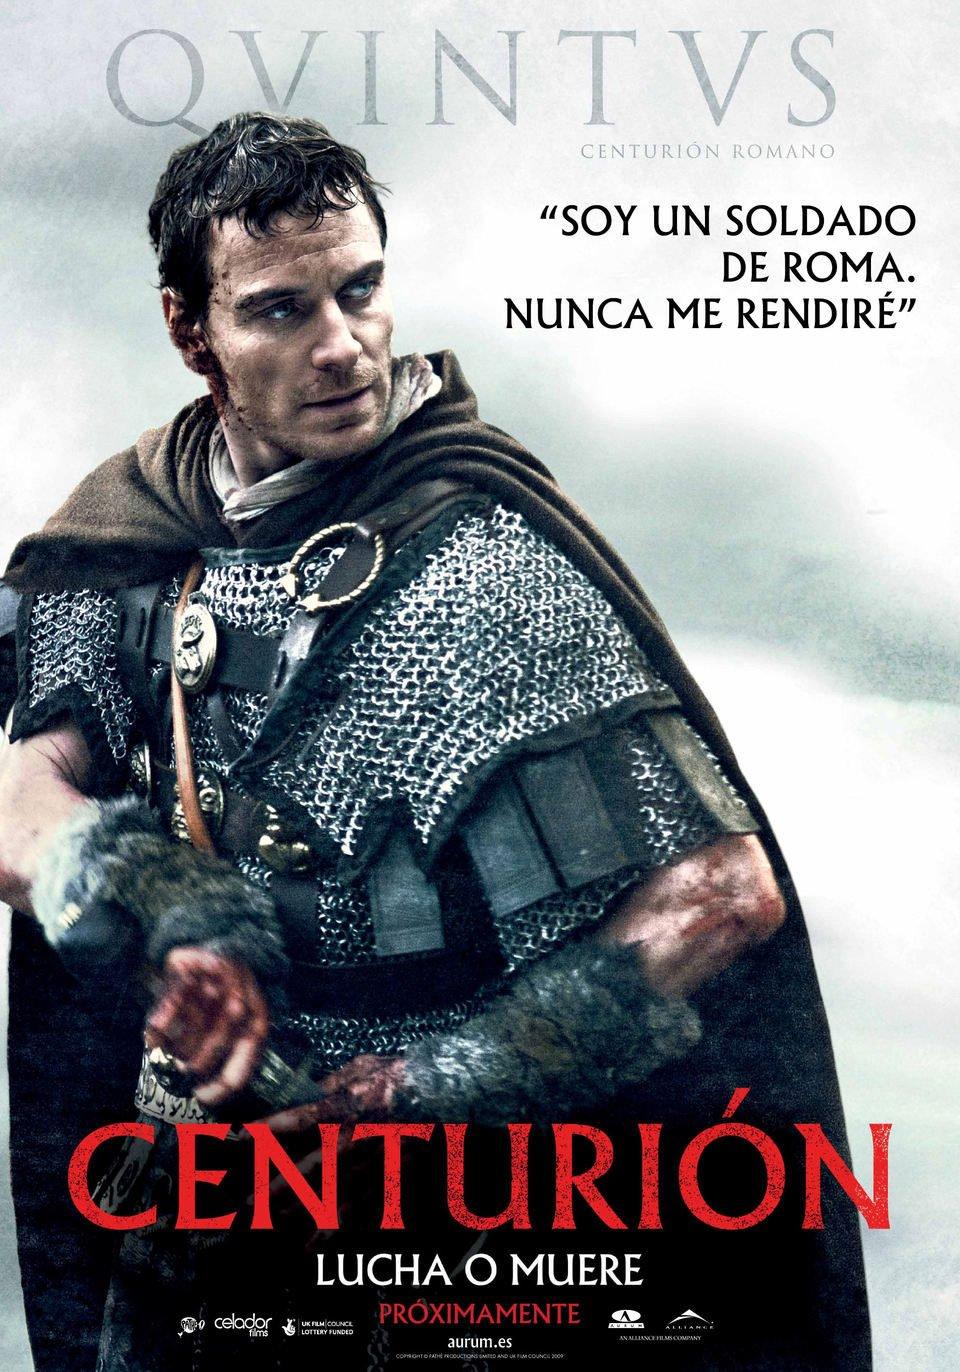 Cartel Quintus de 'Centurión'